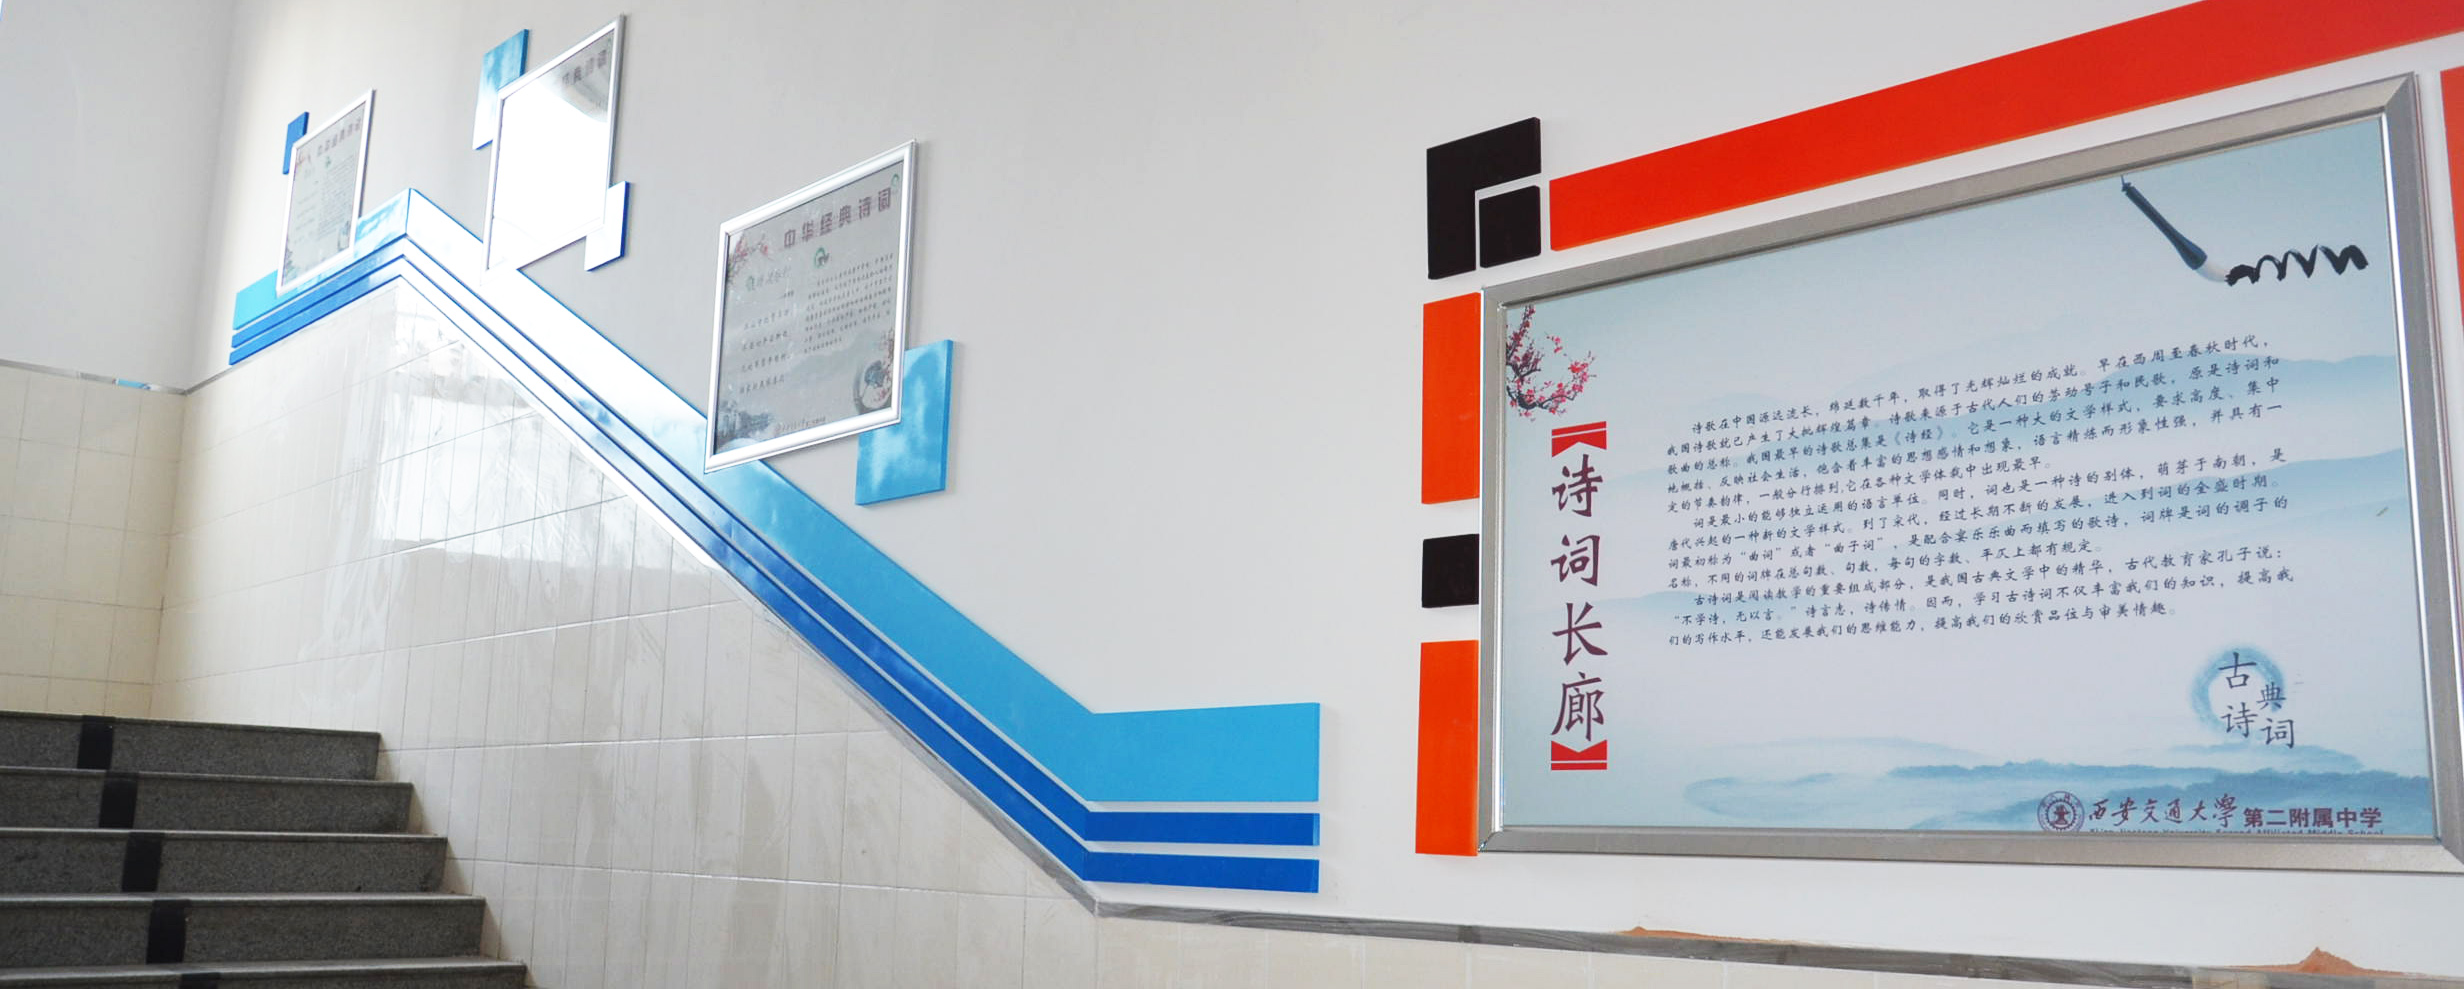 西安中学校园文化制作